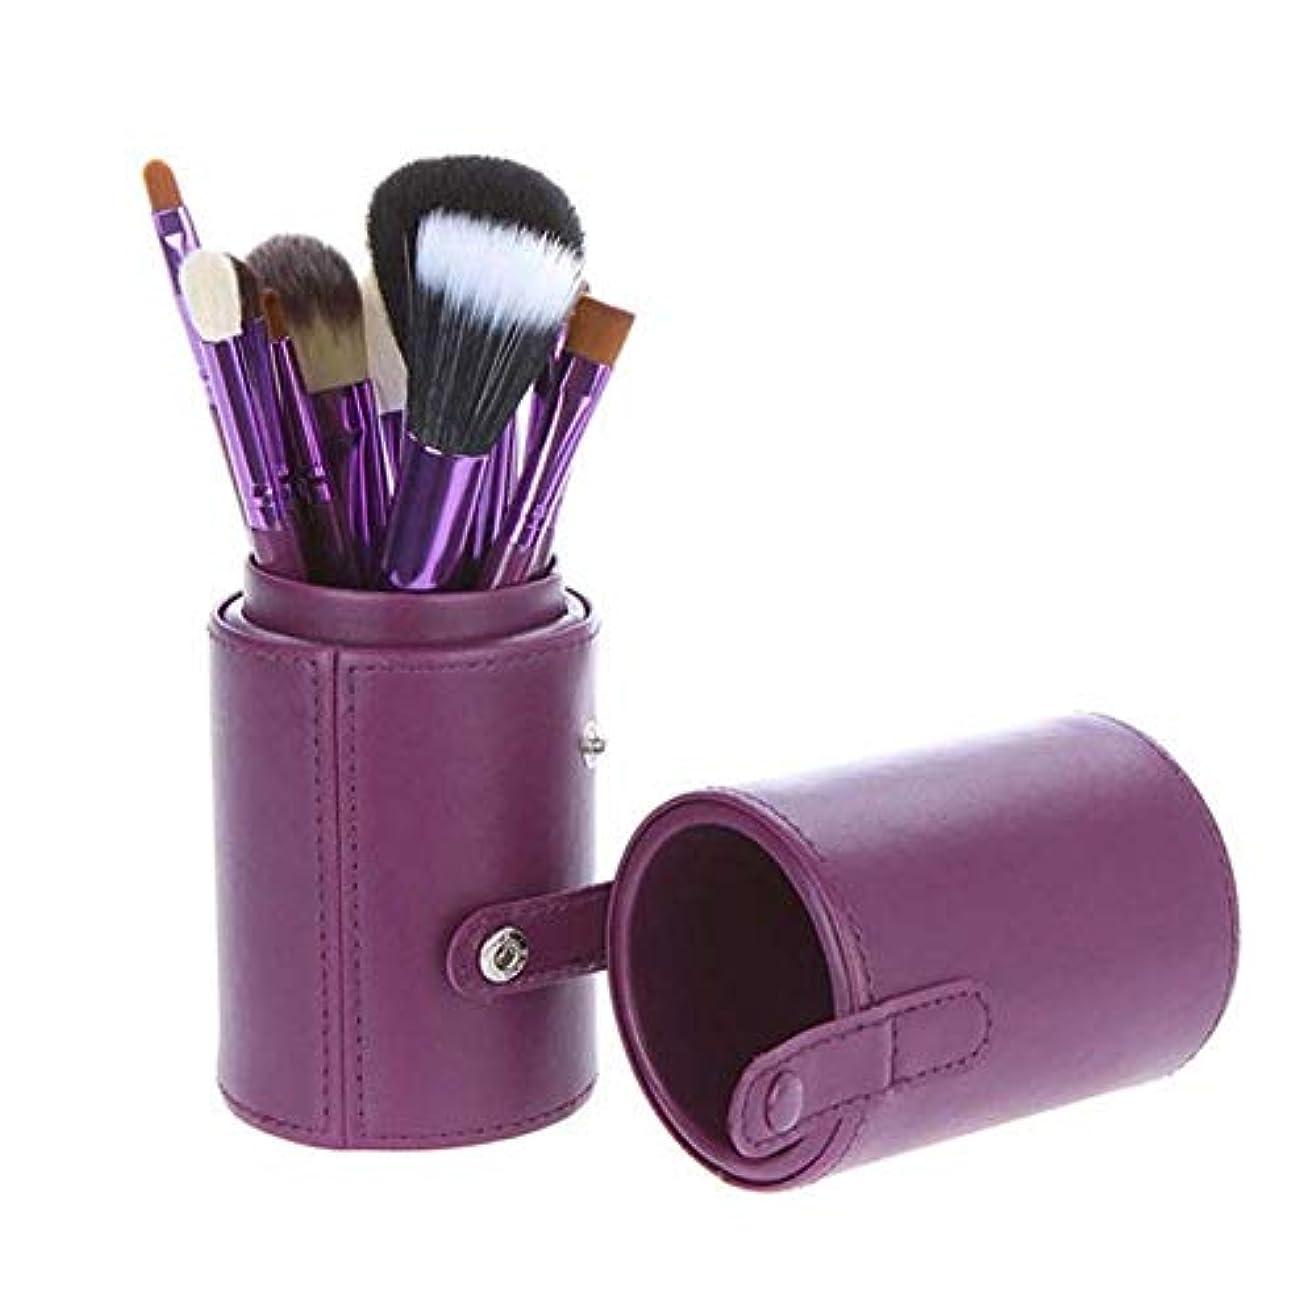 灌漑マトン殺します化粧ブラシセット:美しい女性ギフトボックスに表示されるスタイリッシュなブラシケースで、プロのプロ、美容ブレンダーとクリーナーをメイクアップ (Color : Purple)